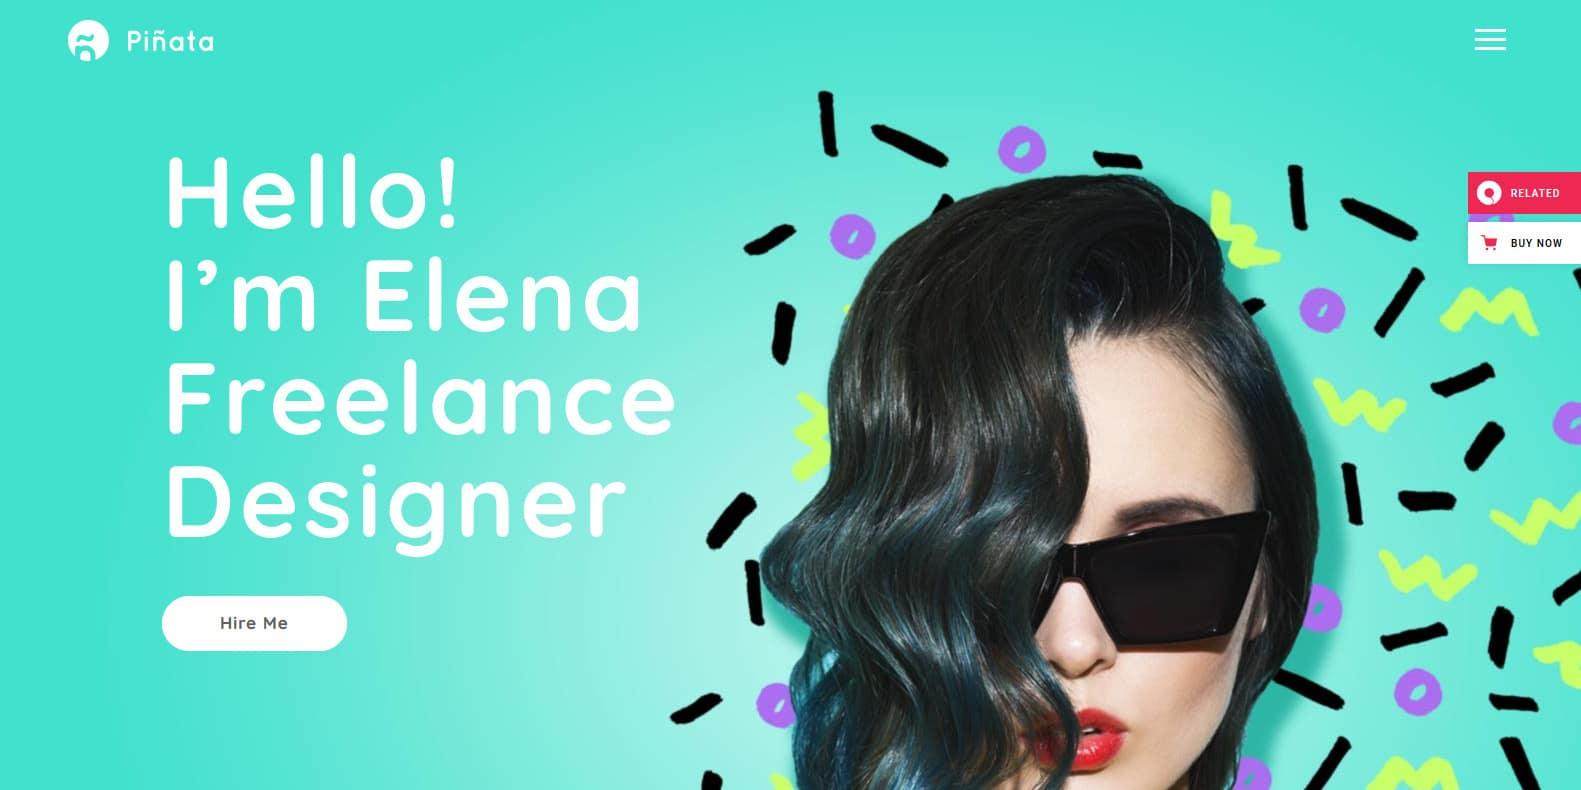 pinata-graphic-designer-website-template